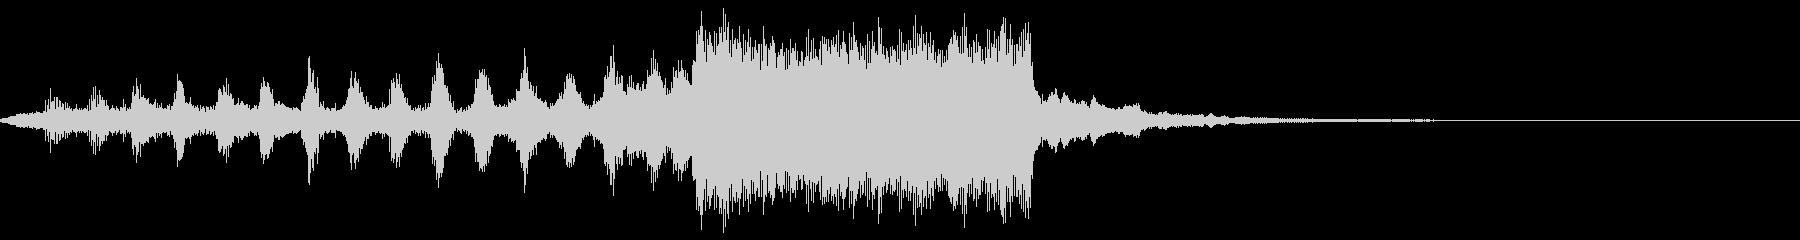 オーケストラによるオープニングのBGMの未再生の波形